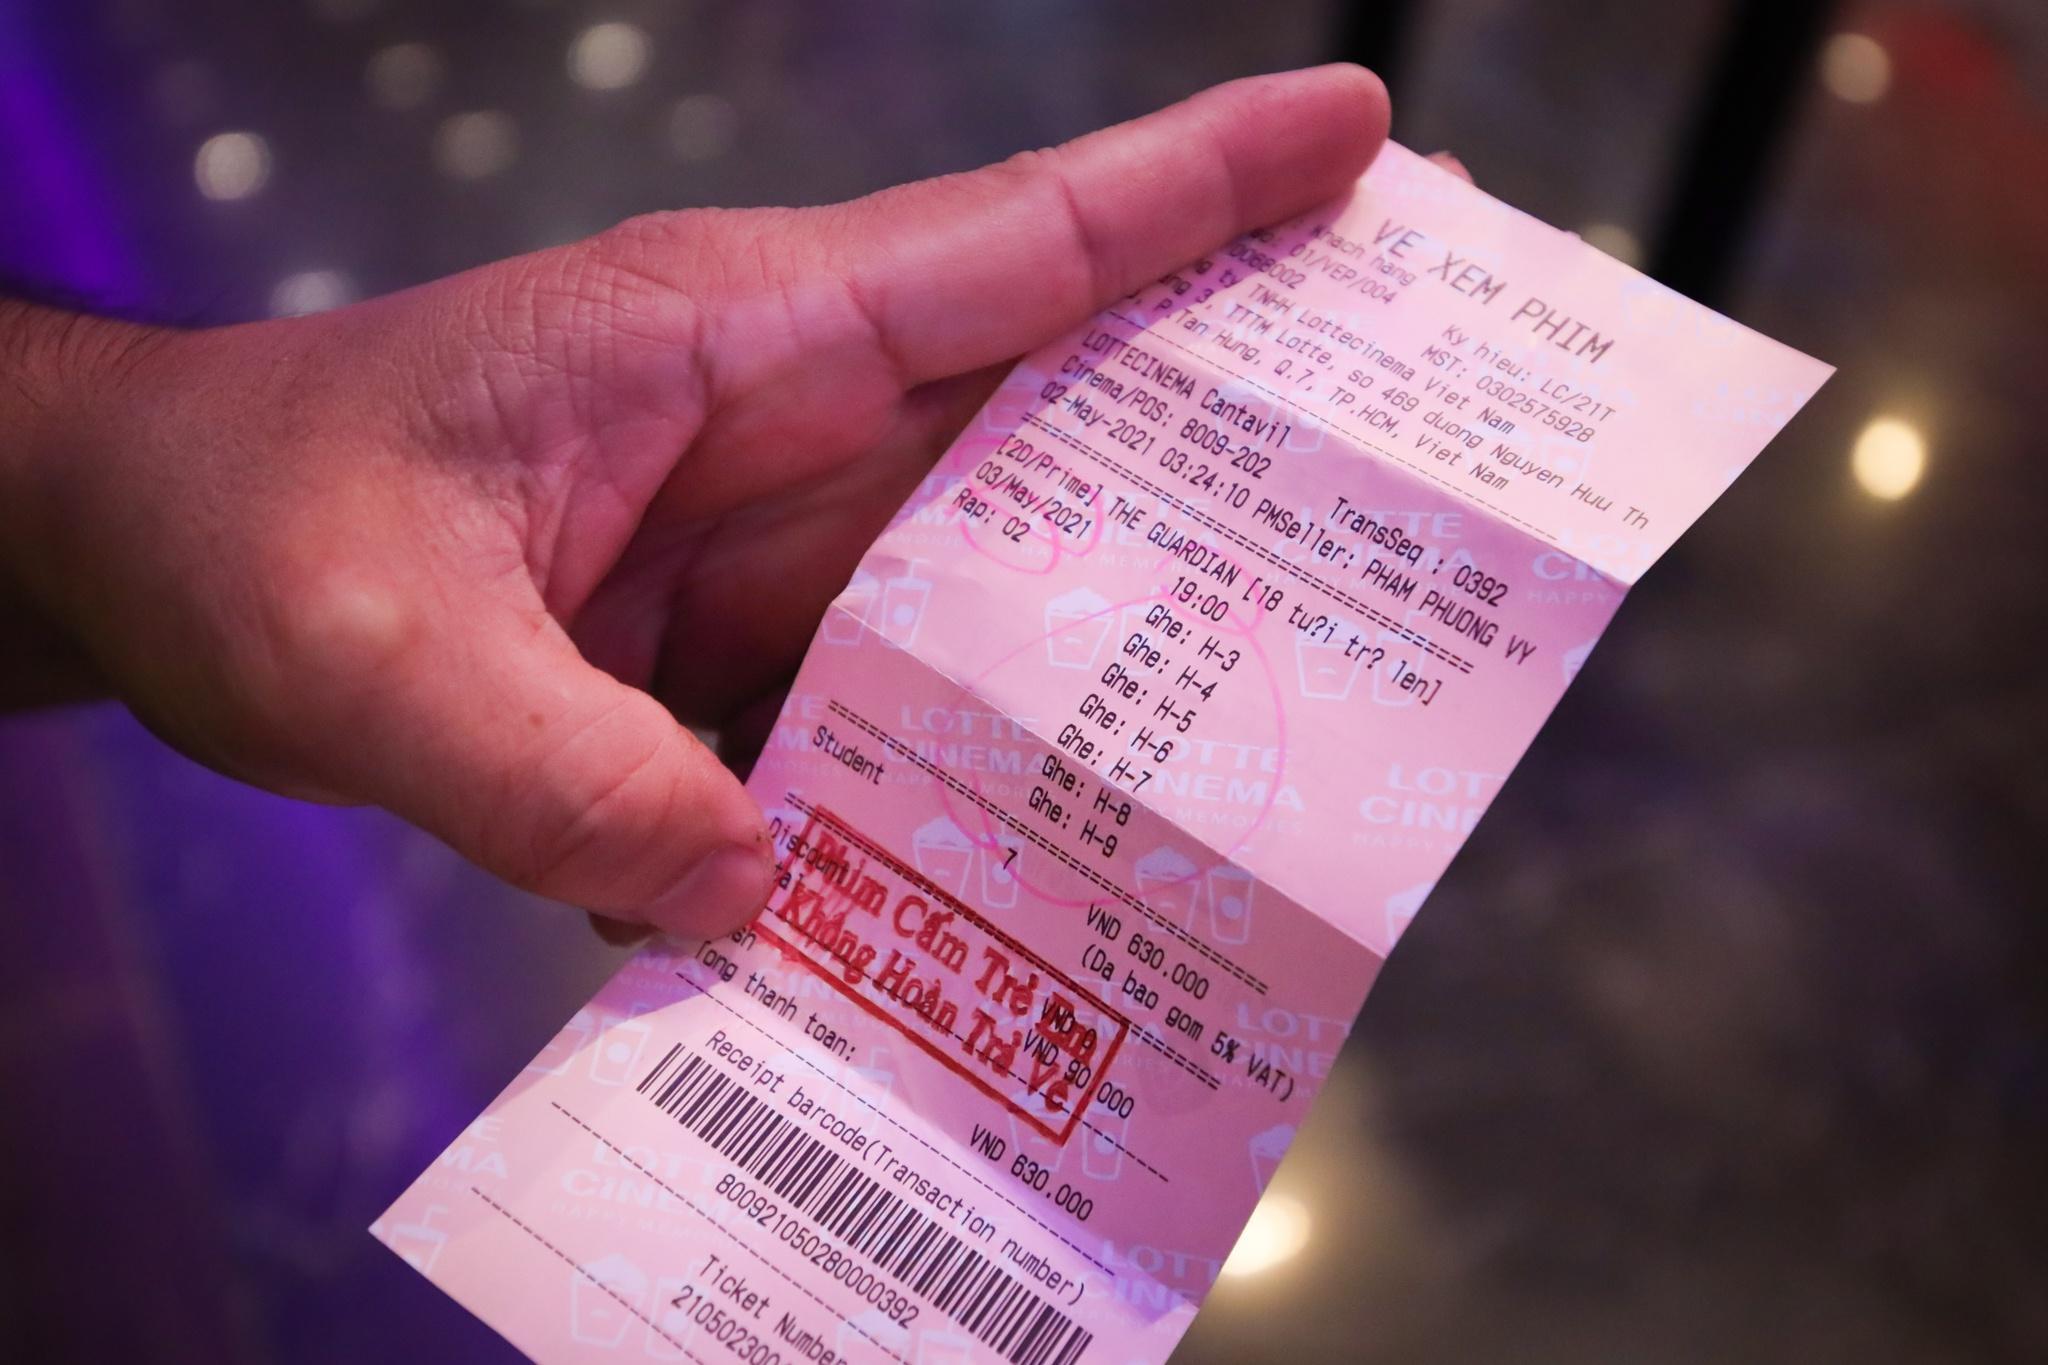 Khách xếp hàng chờ hoàn vé trước giờ rạp phim TP.HCM đóng cửa Ảnh 5